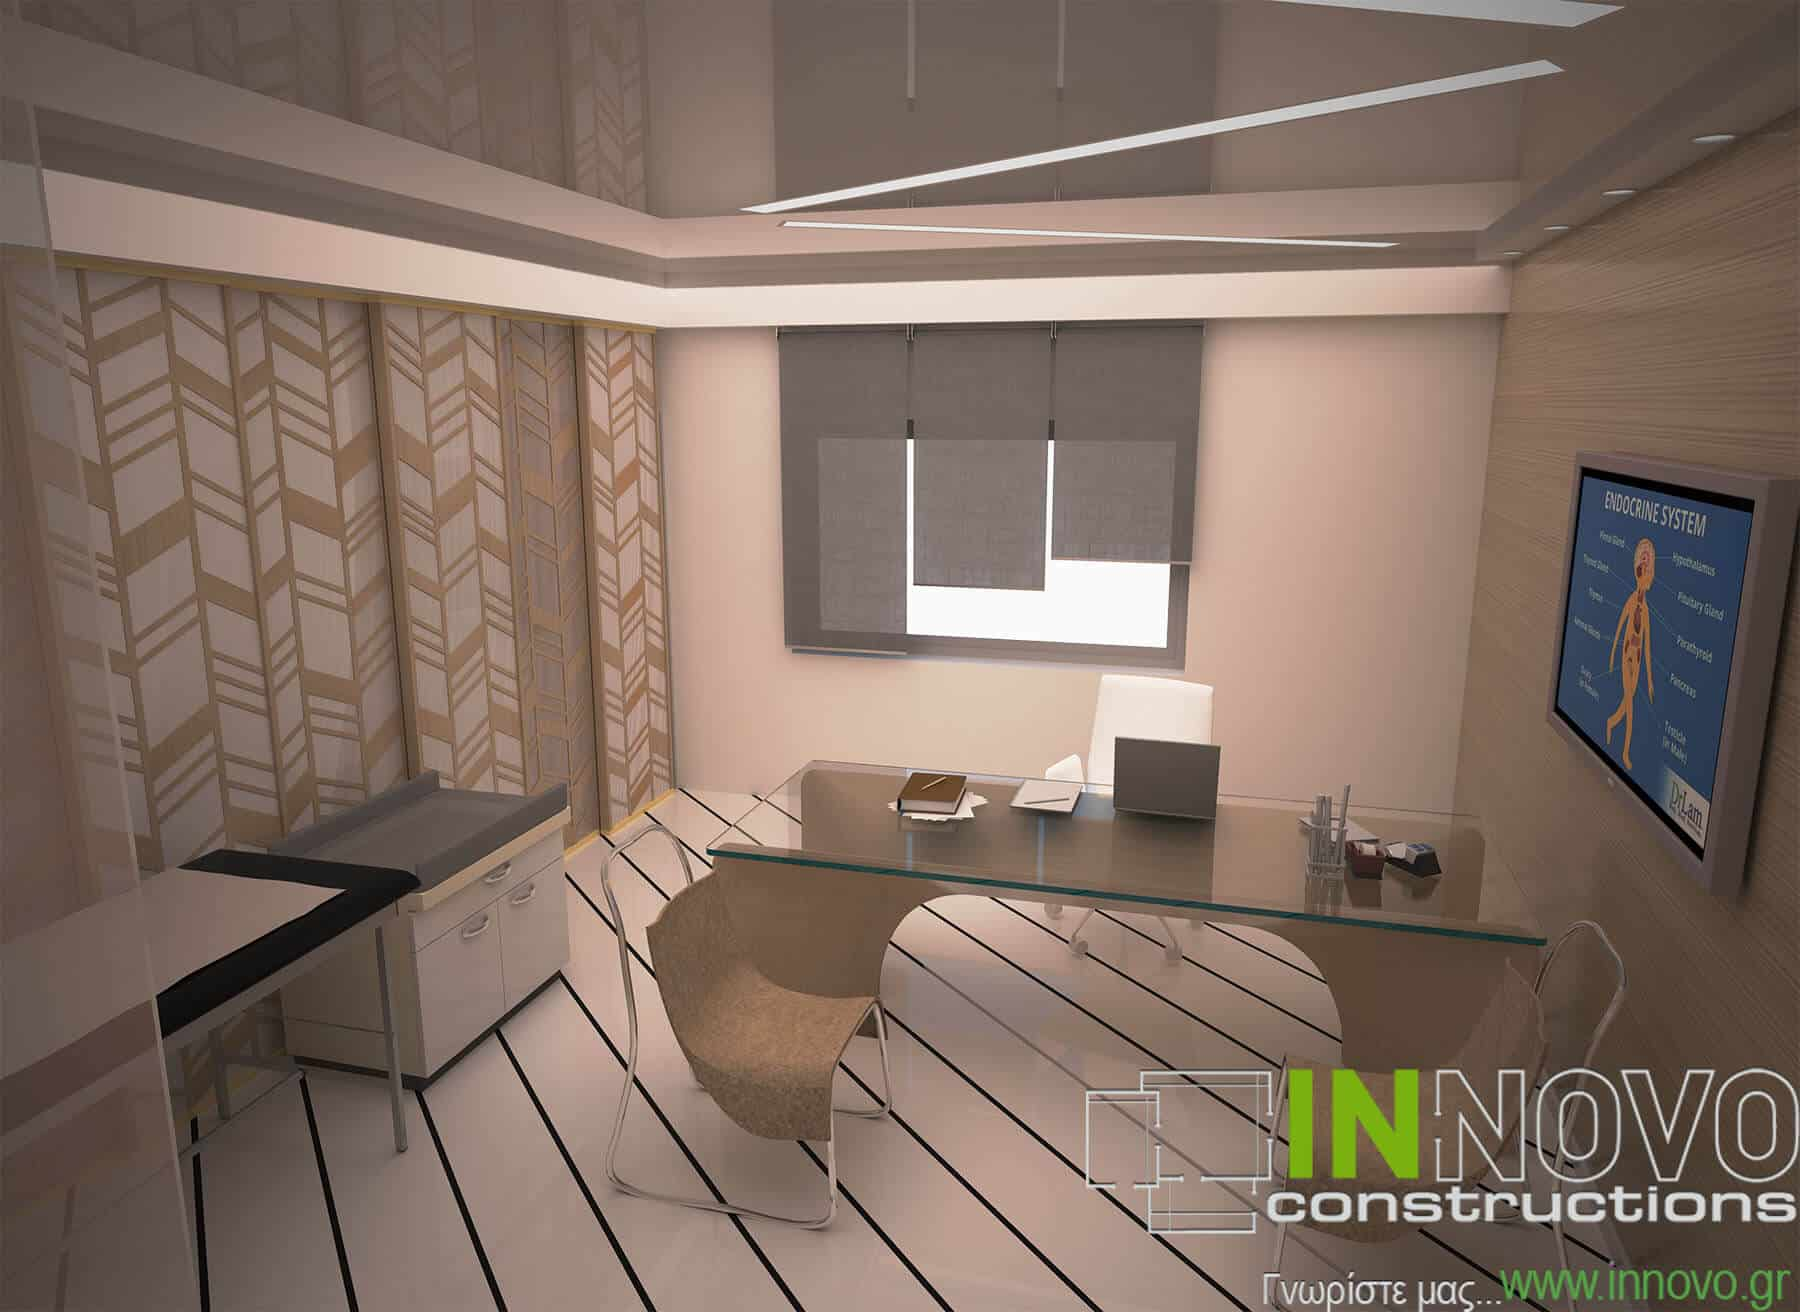 Σχεδιασμός Ενδοκρινολογικού ιατρείου στη Ναύπακτο